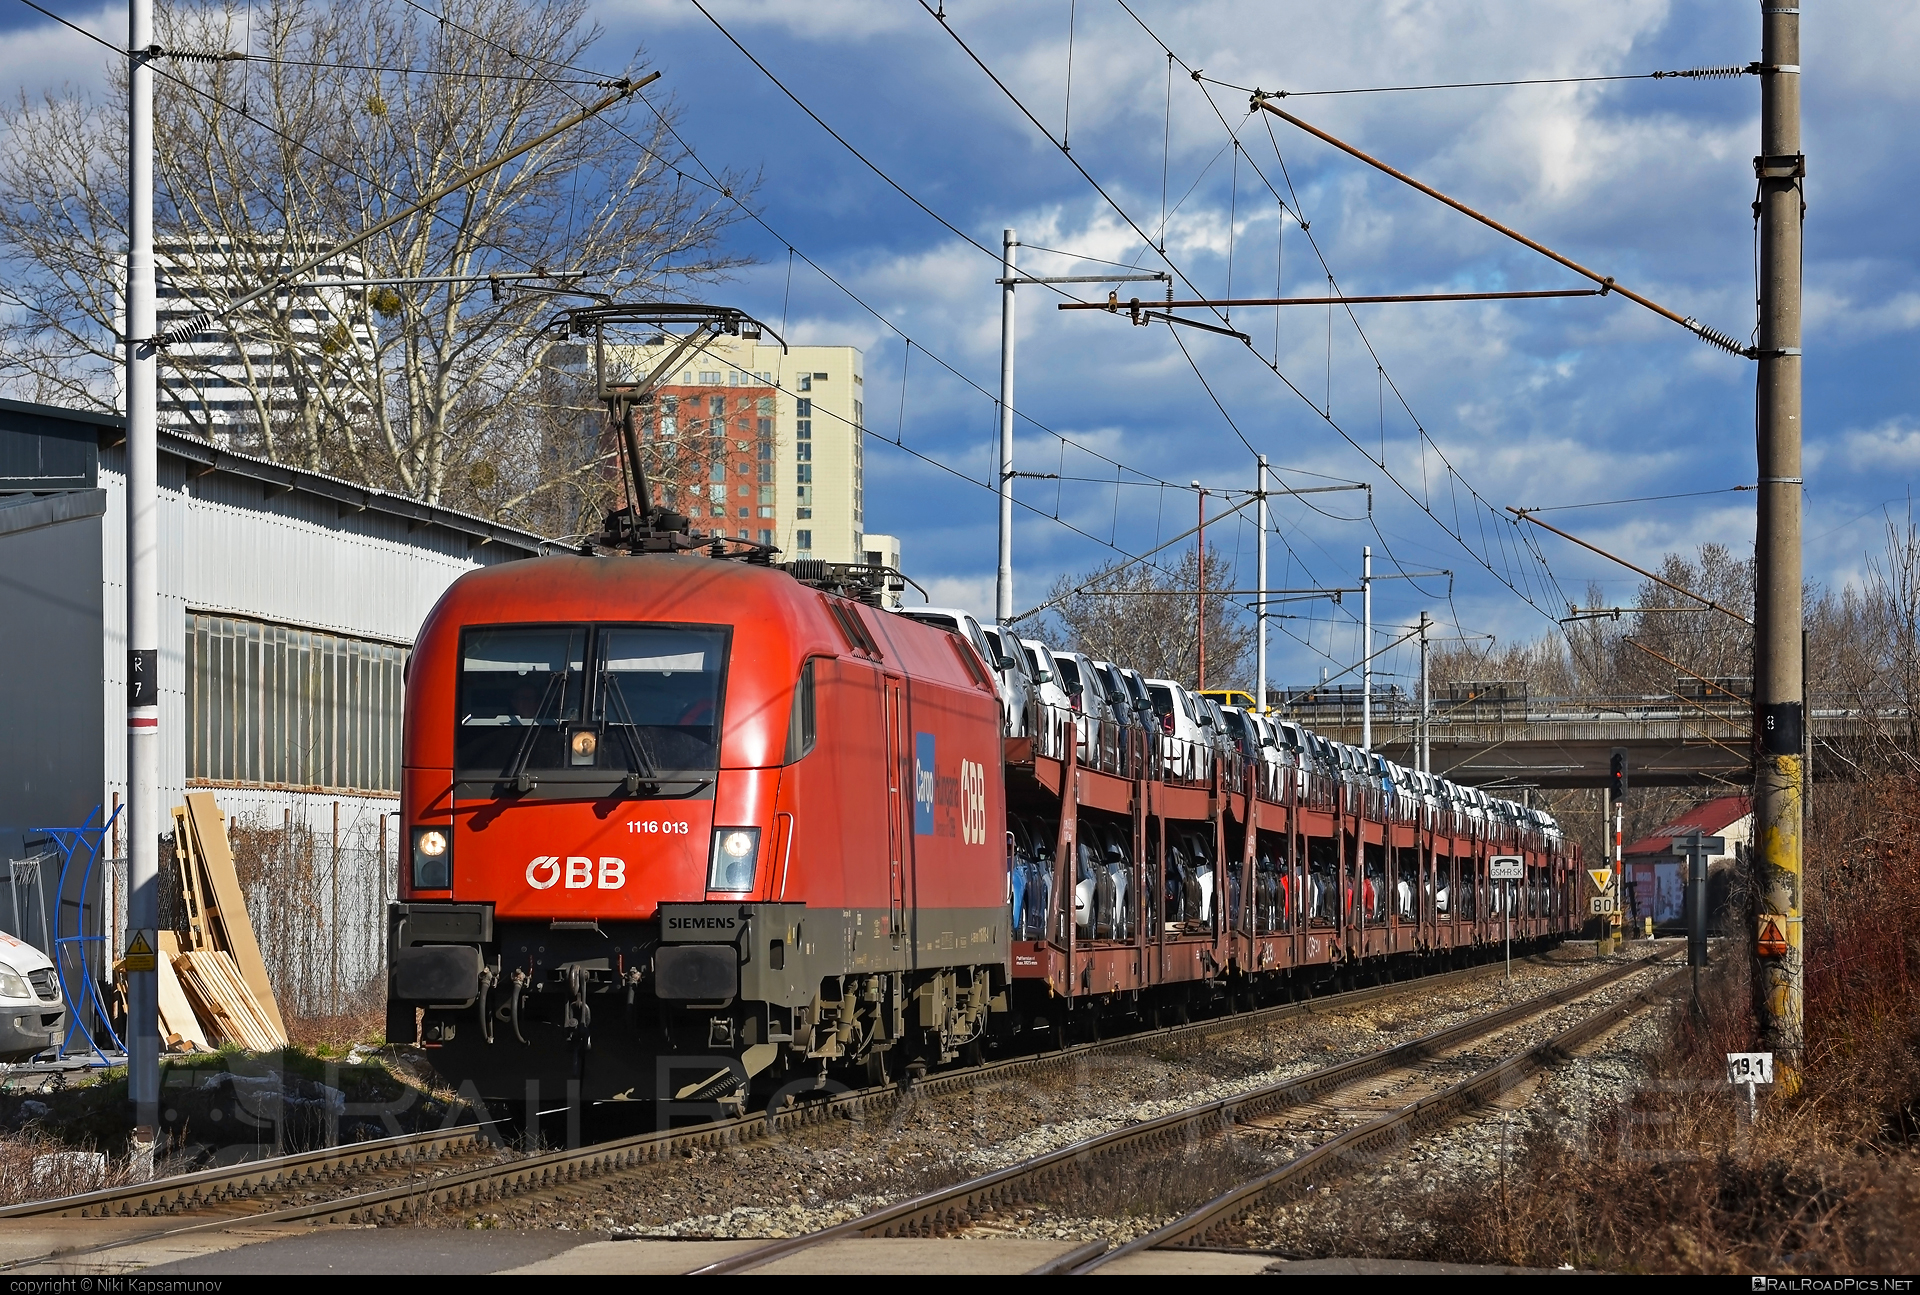 Siemens ES 64 U2 - 1116 013 operated by Rail Cargo Hungaria ZRt. #carcarrierwagon #es64 #es64u #es64u2 #eurosprinter #obb #osterreichischebundesbahnen #rch #siemens #siemenses64 #siemenses64u #siemenses64u2 #siemenstaurus #taurus #tauruslocomotive